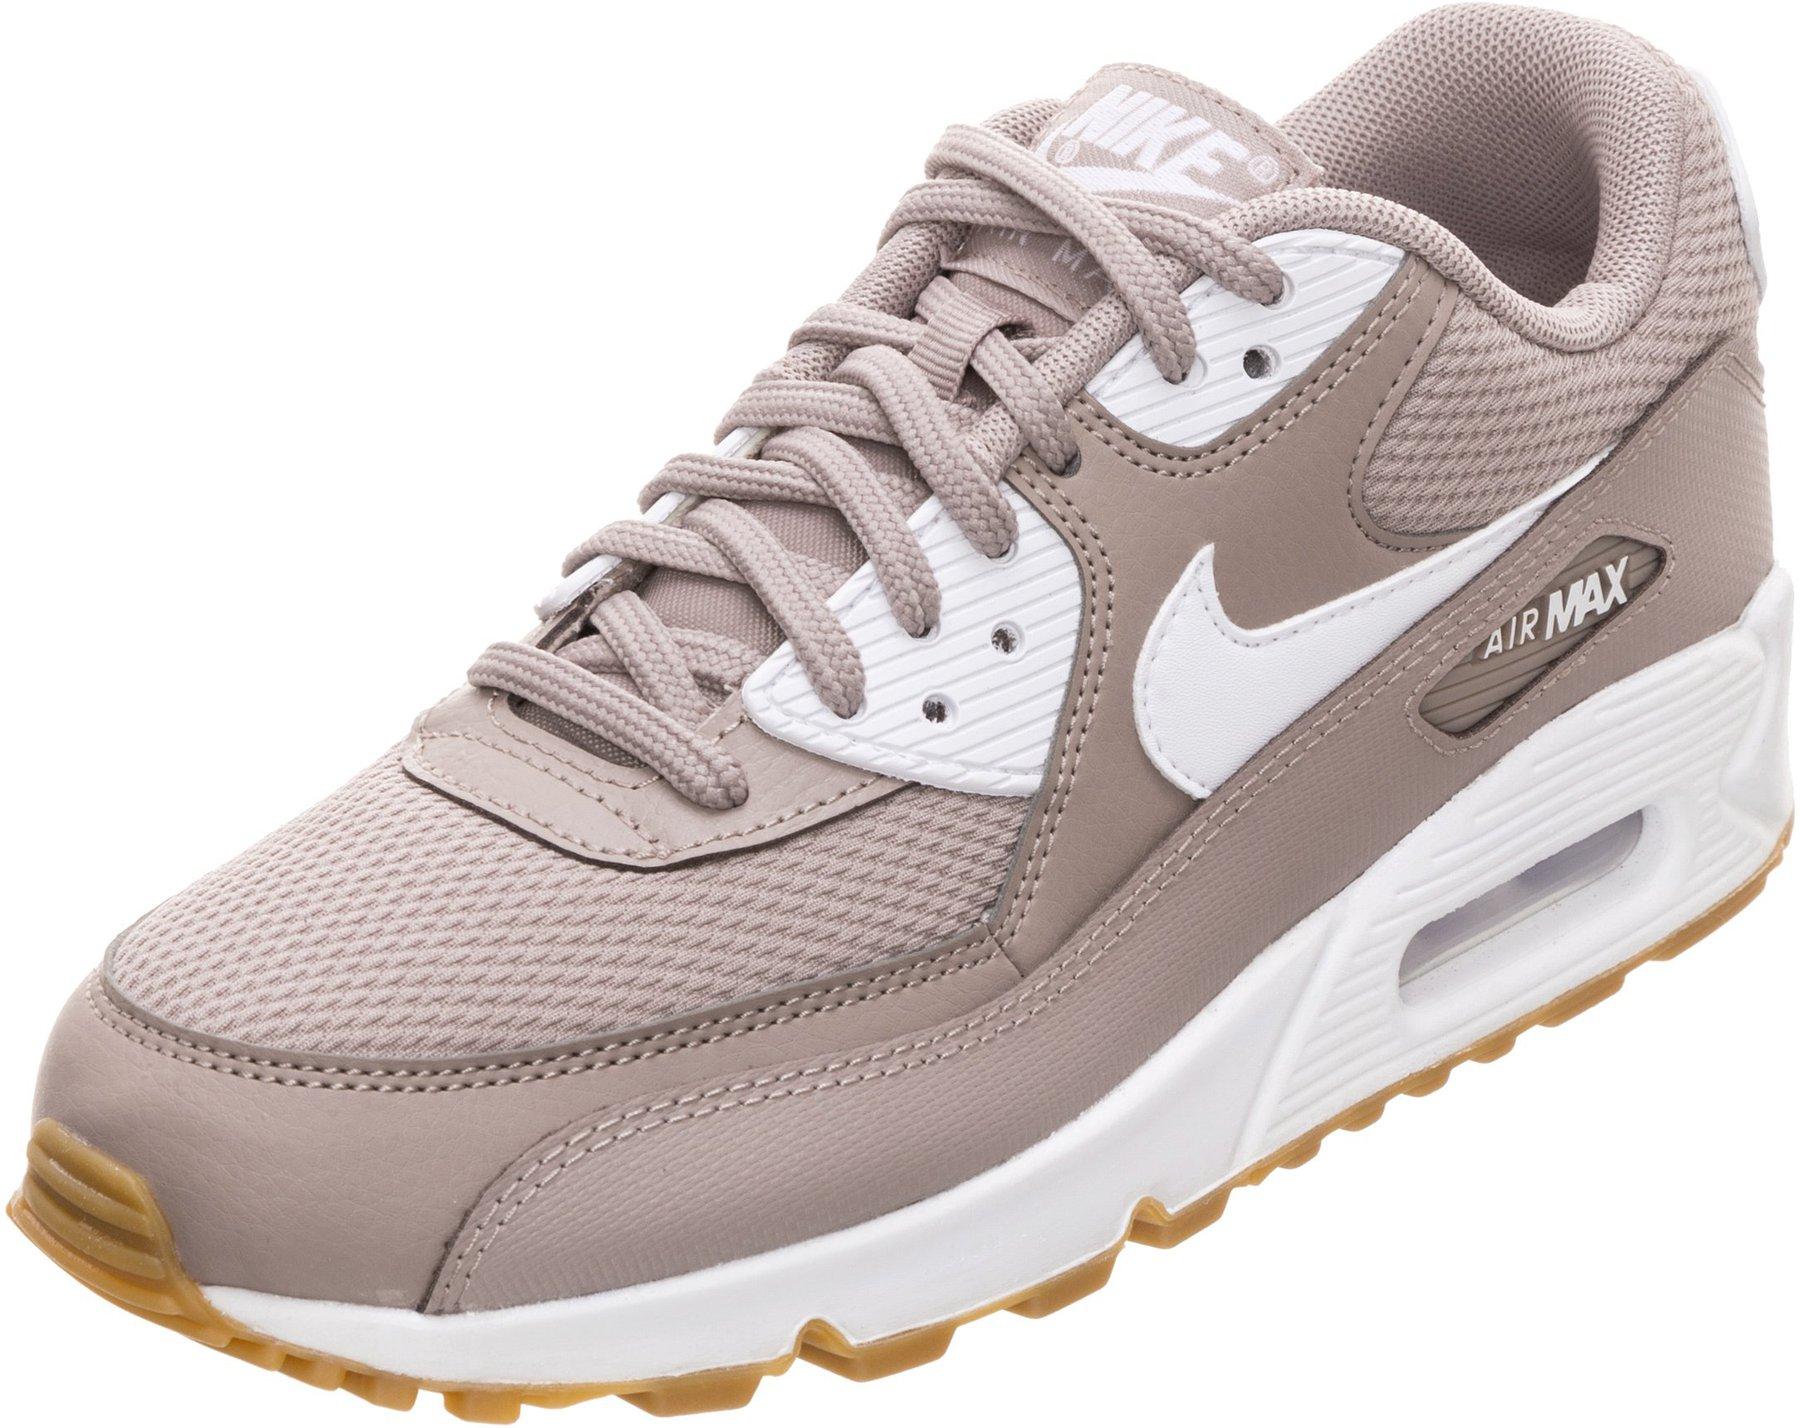 purchase cheap acd2a 70d8b Nike Air Max 90 Women ab 79,90 € günstig im Preisvergleich kaufen